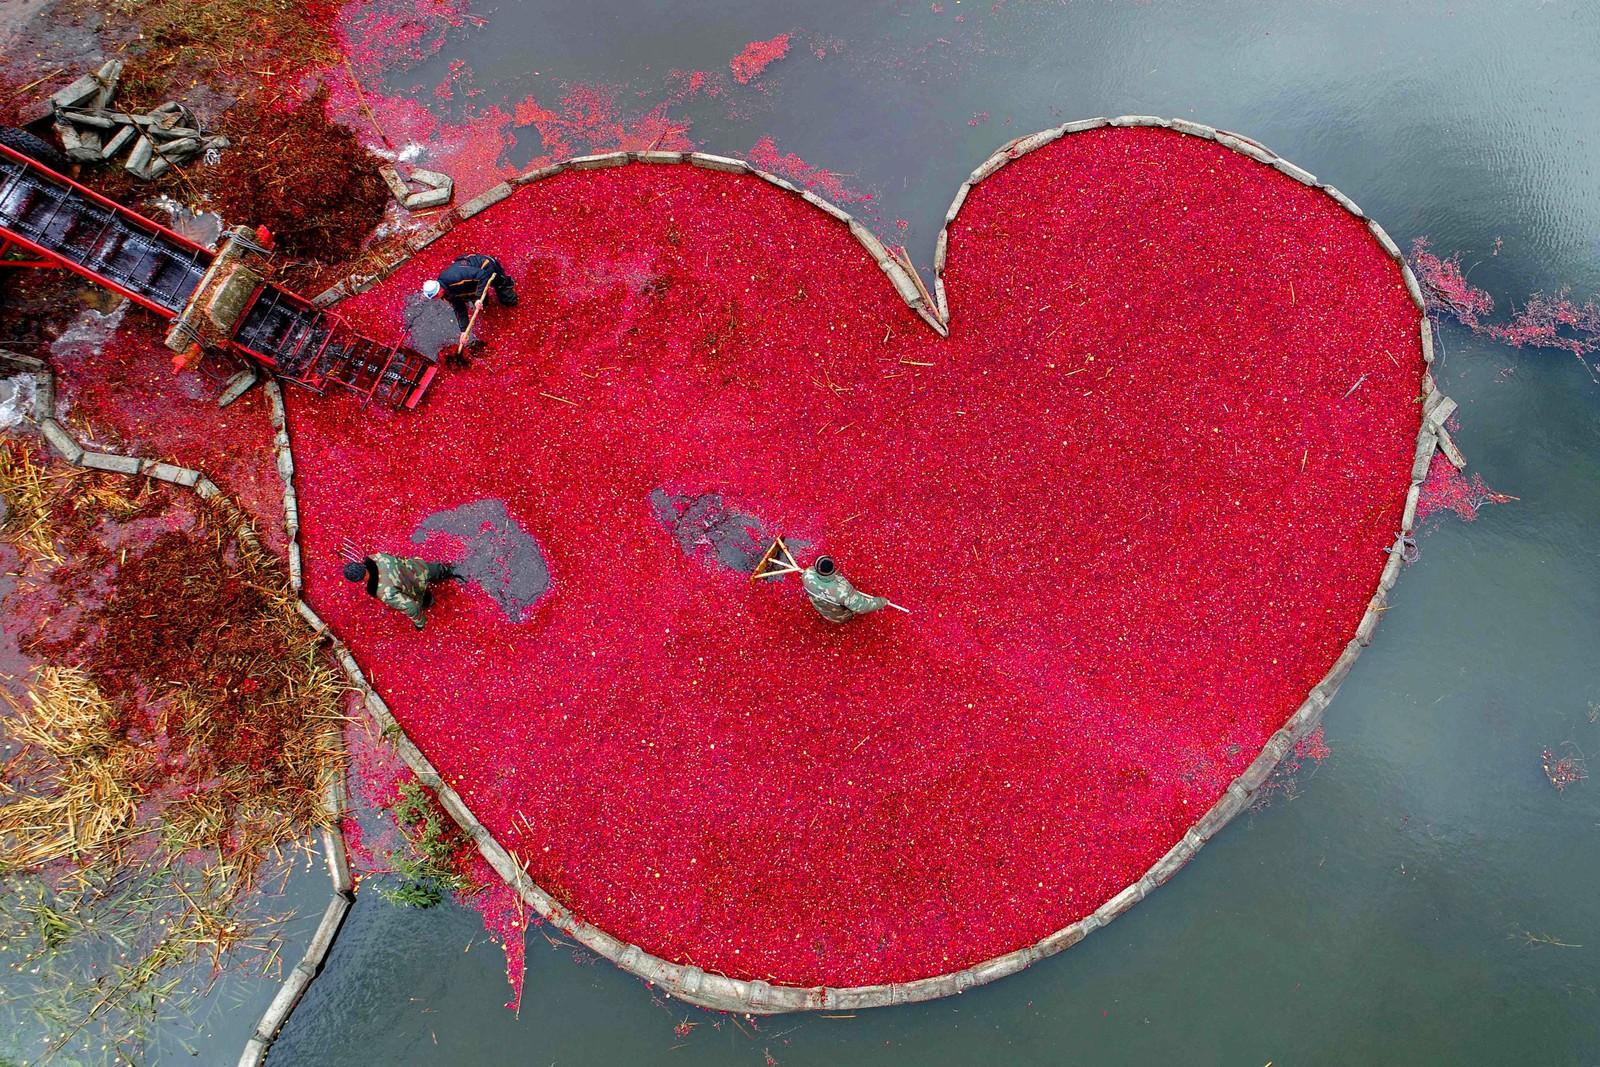 Kjærlighet til råvarene. Innhøsting av tranebær i Selishche i Hviterussland.